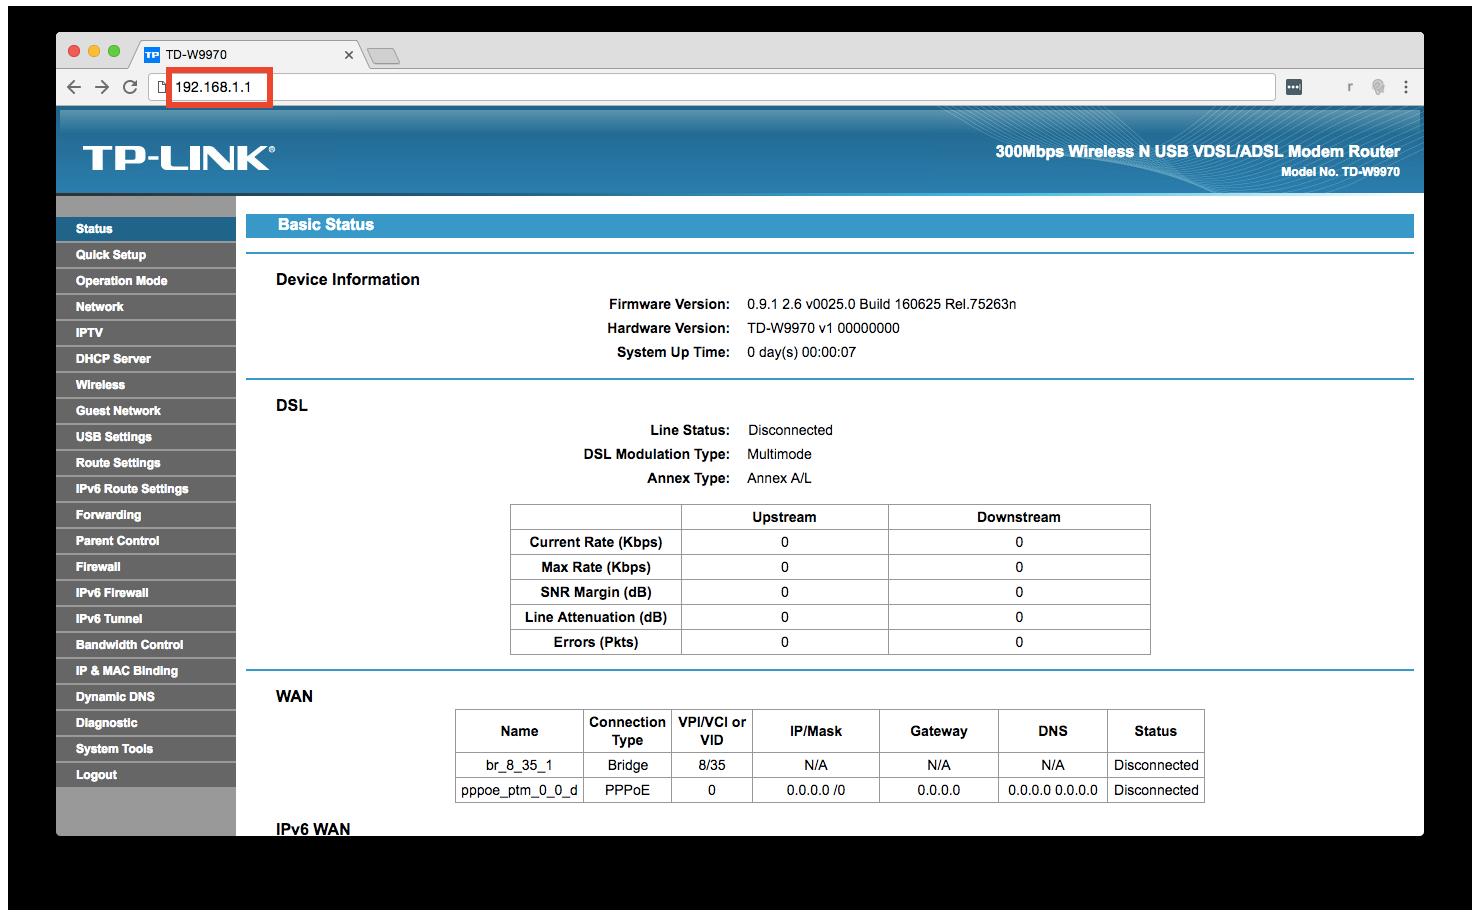 Configurazione dynDNS.it per TP-Link - dynDNS.it - DNS dinamico gratuito